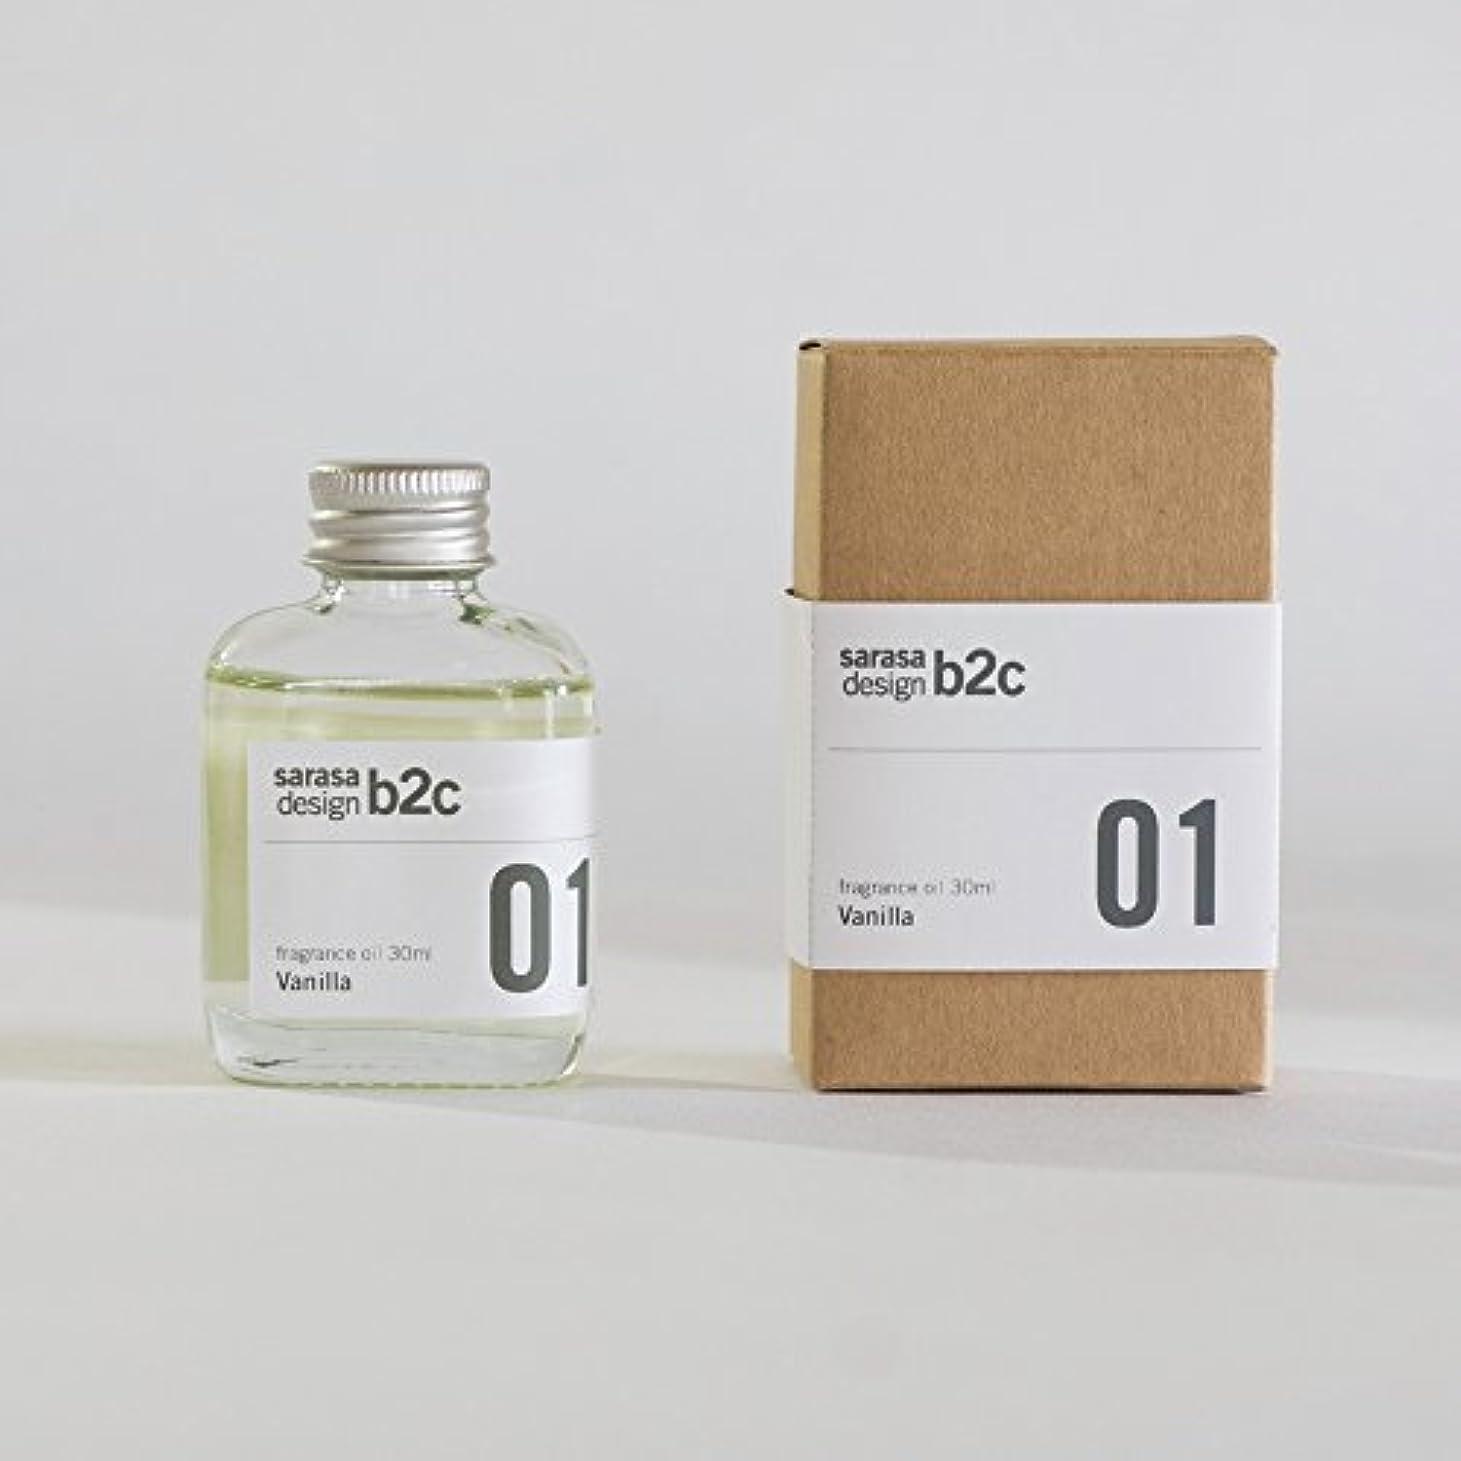 スピン活力大陸ar035sb/b2c エッセンシャルオイル30ml《スプリングブリーズ》| 芳香剤 ルームエッセンシャル リードディフューザー アロマ ディフューザー